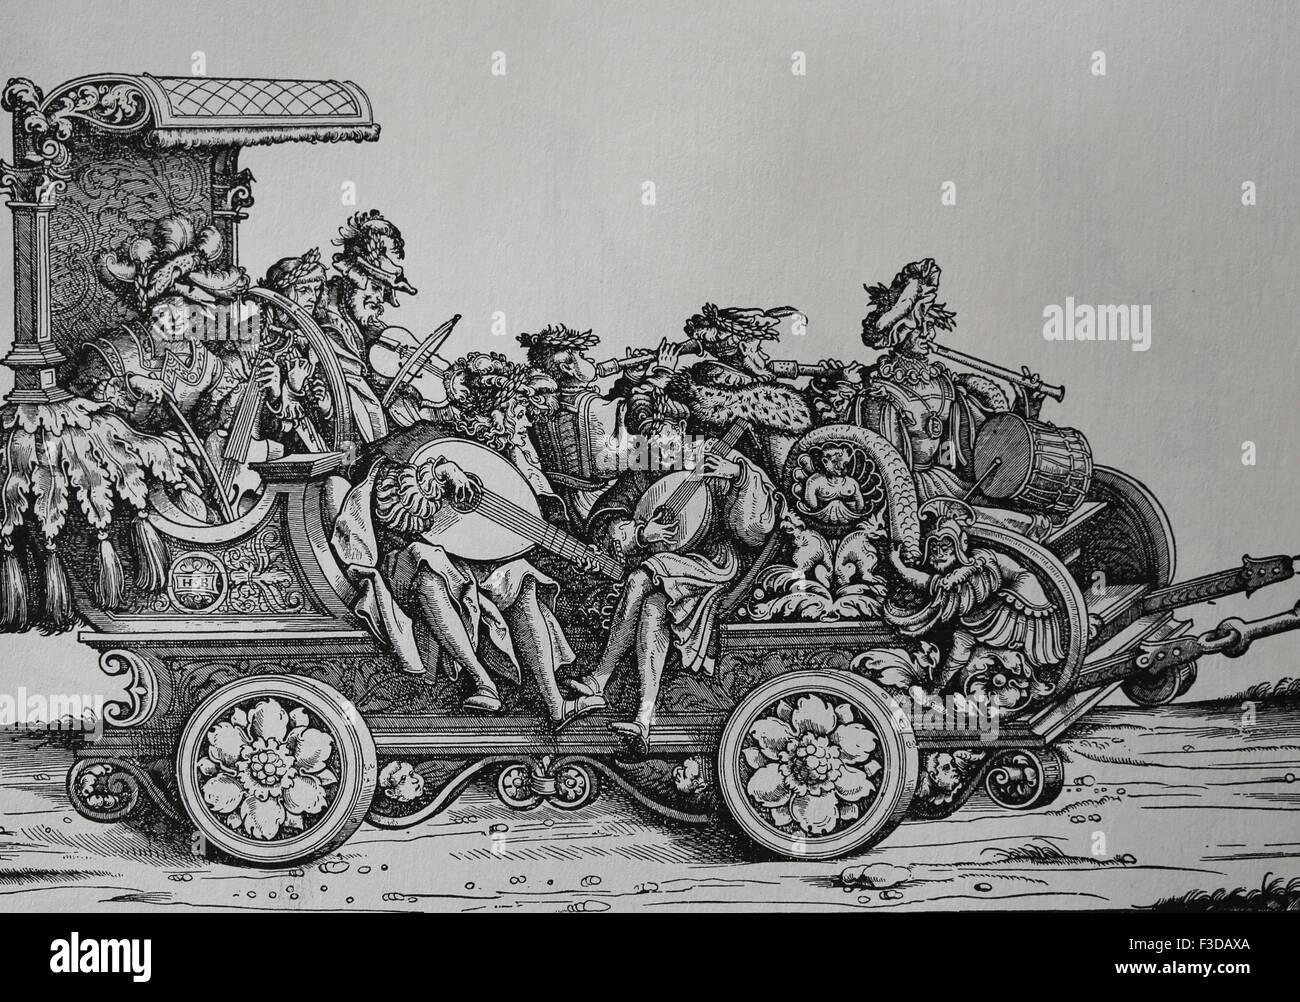 Europa. Italia. Carro con músicos tocando diferentes instrumentos musicales. Grabado. Imagen De Stock